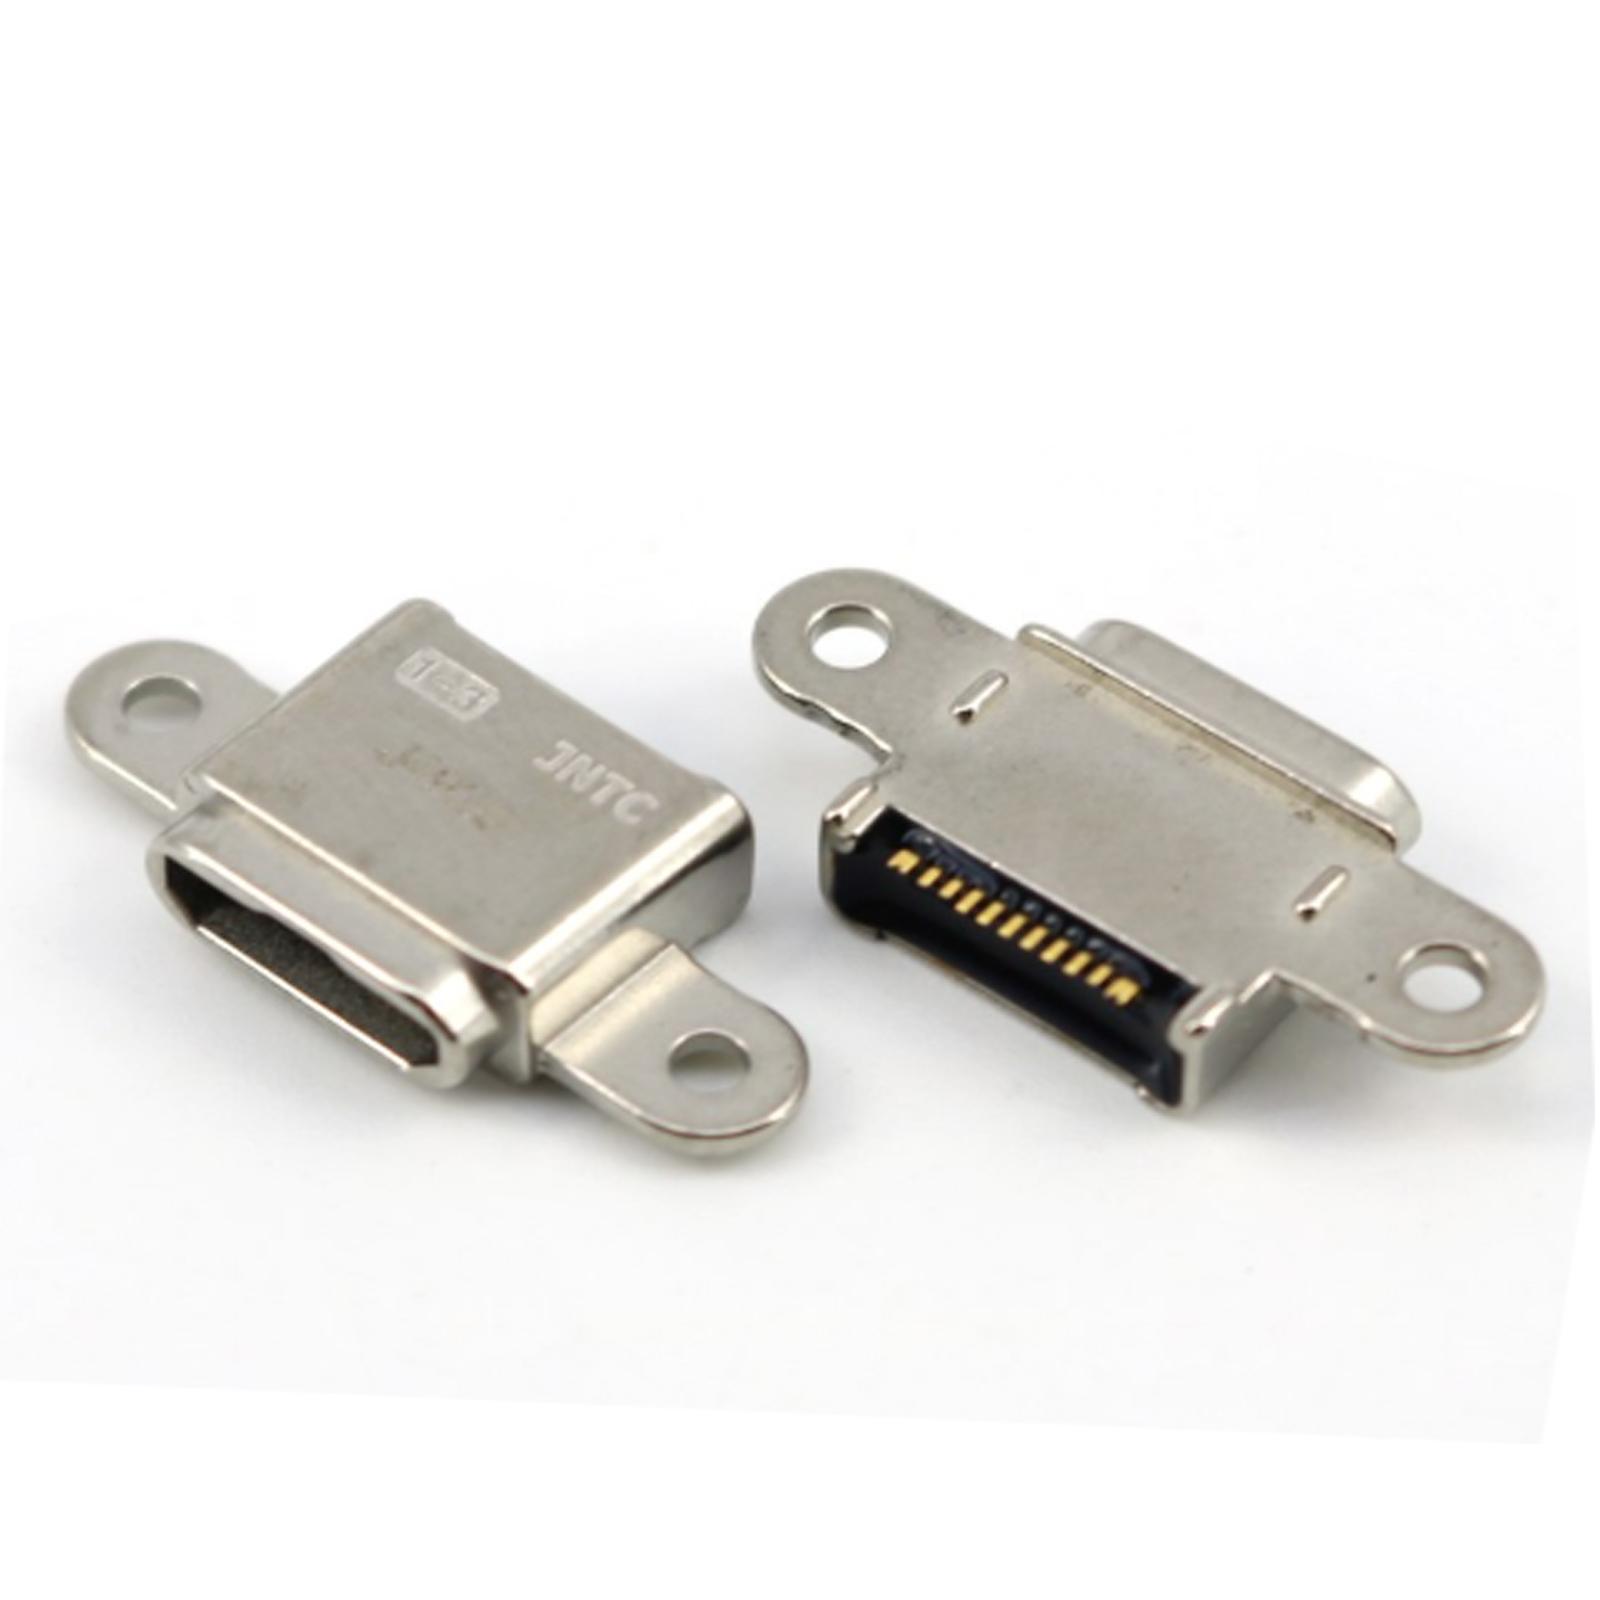 Samsung Galaxy S7 G930/S7 Edge G935 micro USB nabíjecí konektor